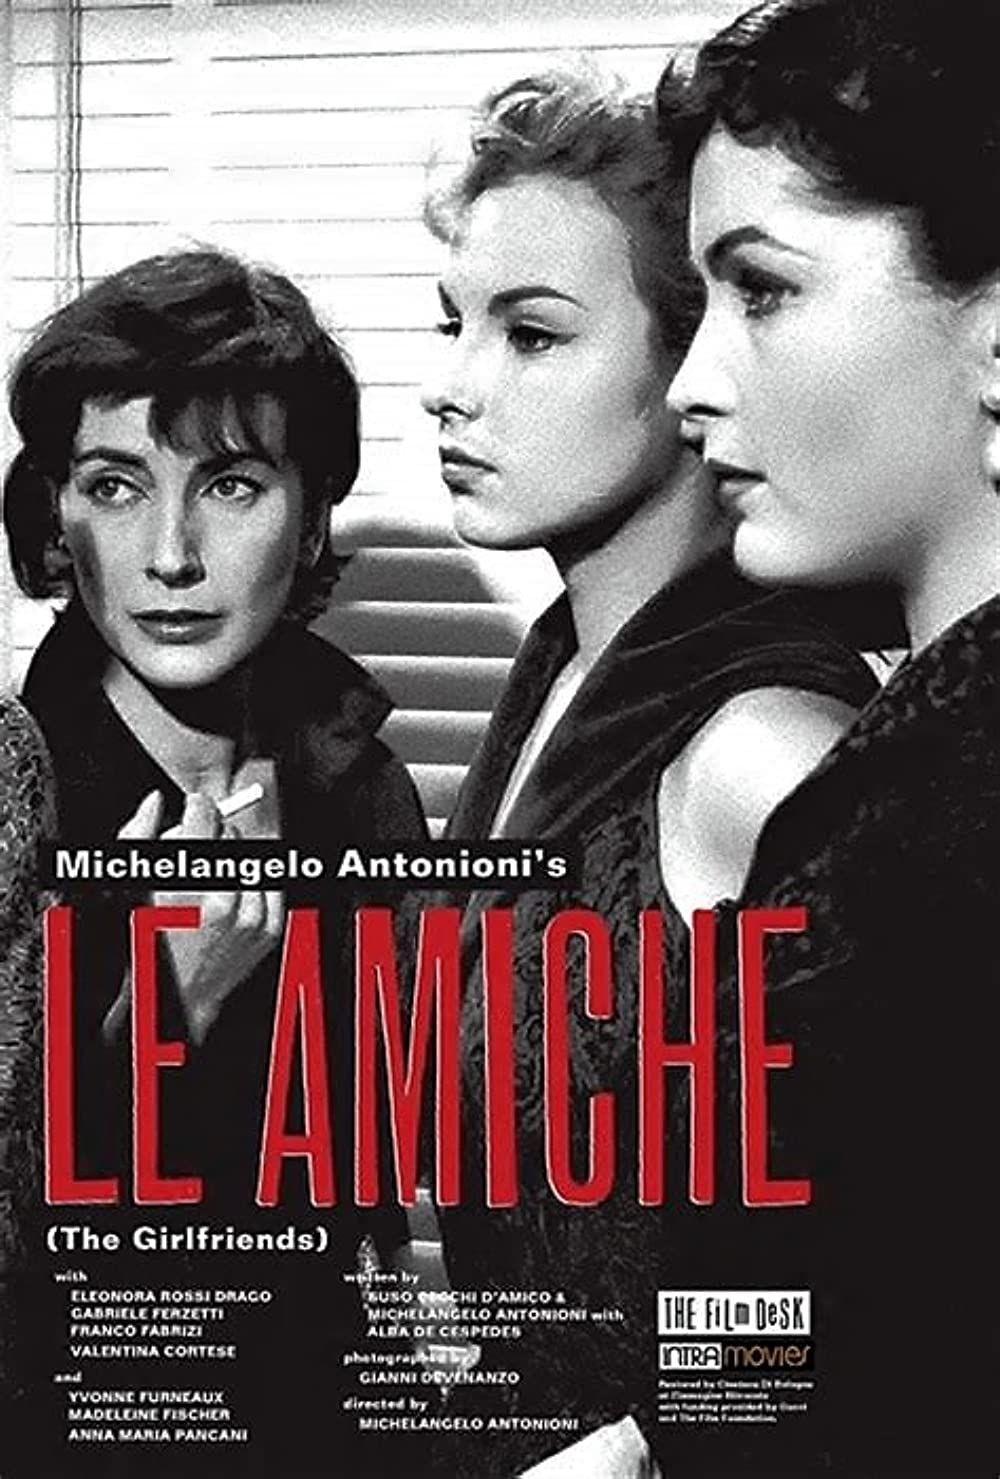 Le Amiche 1955 In 2021 Michelangelo Antonioni The Girlfriends Original Movie Posters